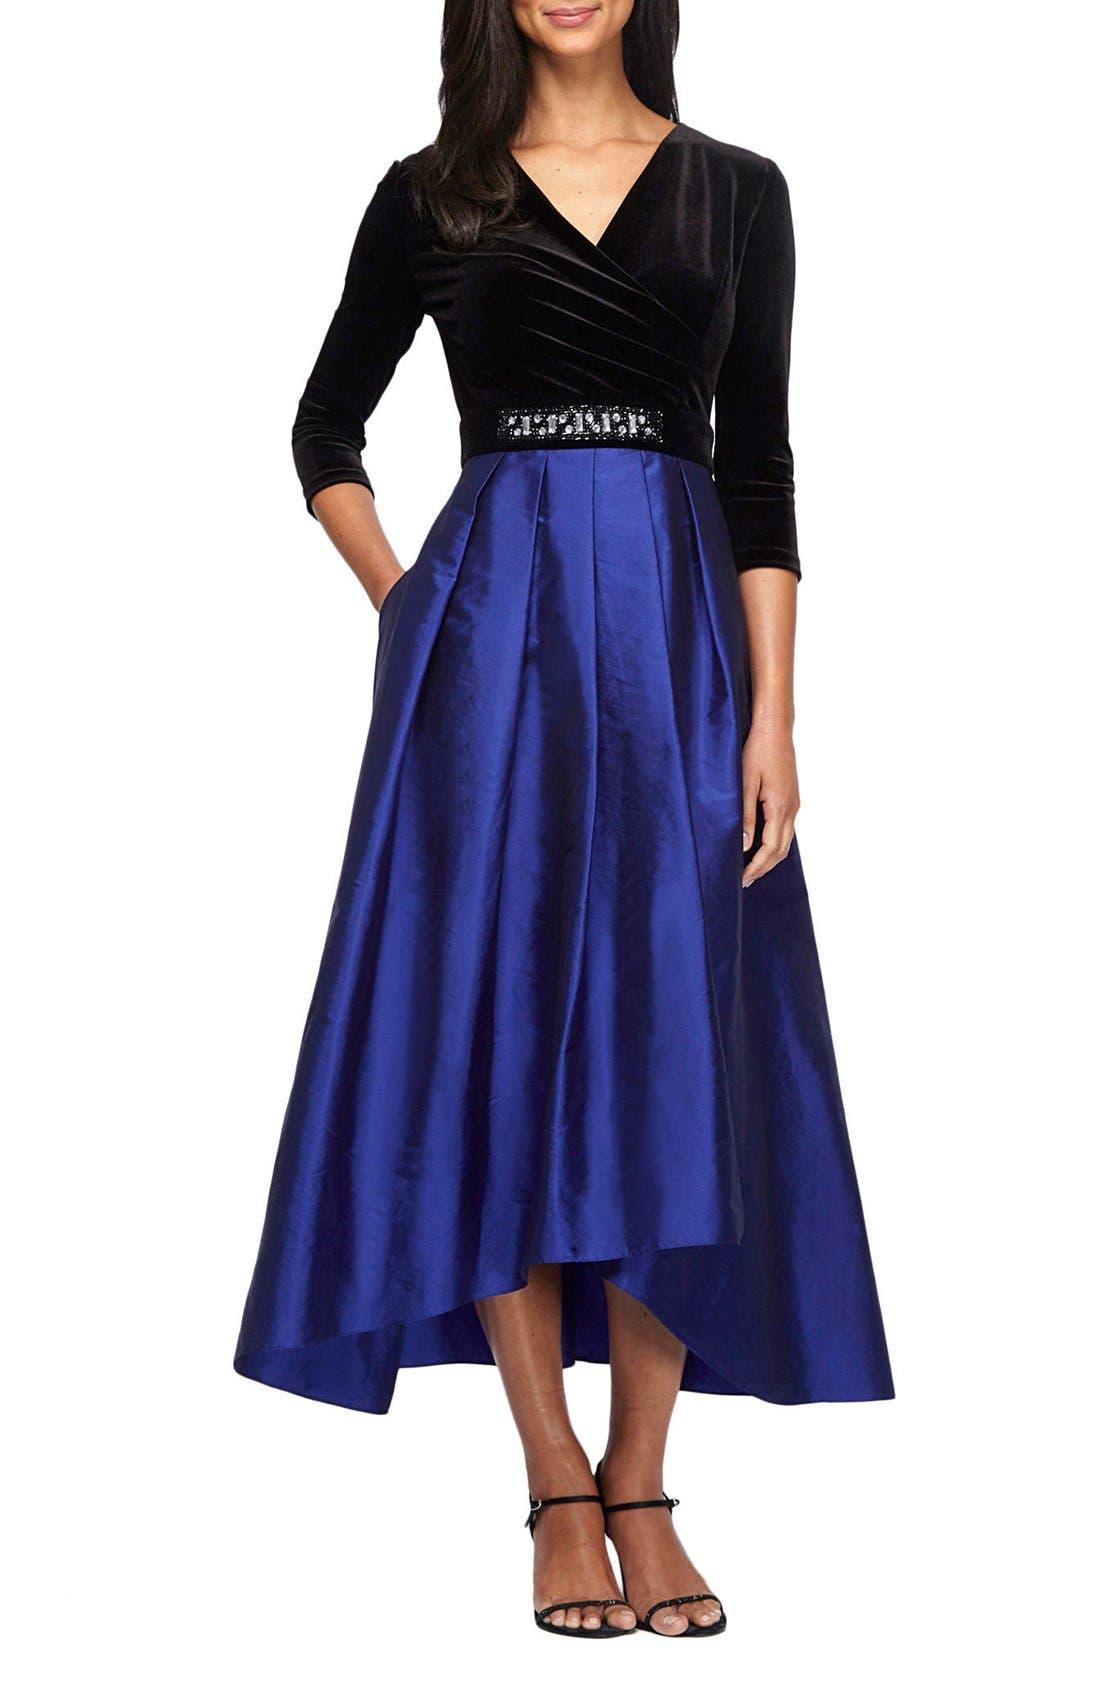 Alternate Image 1 Selected - Alex Evenings Velvet & Taffeta Fit & Flare Dress